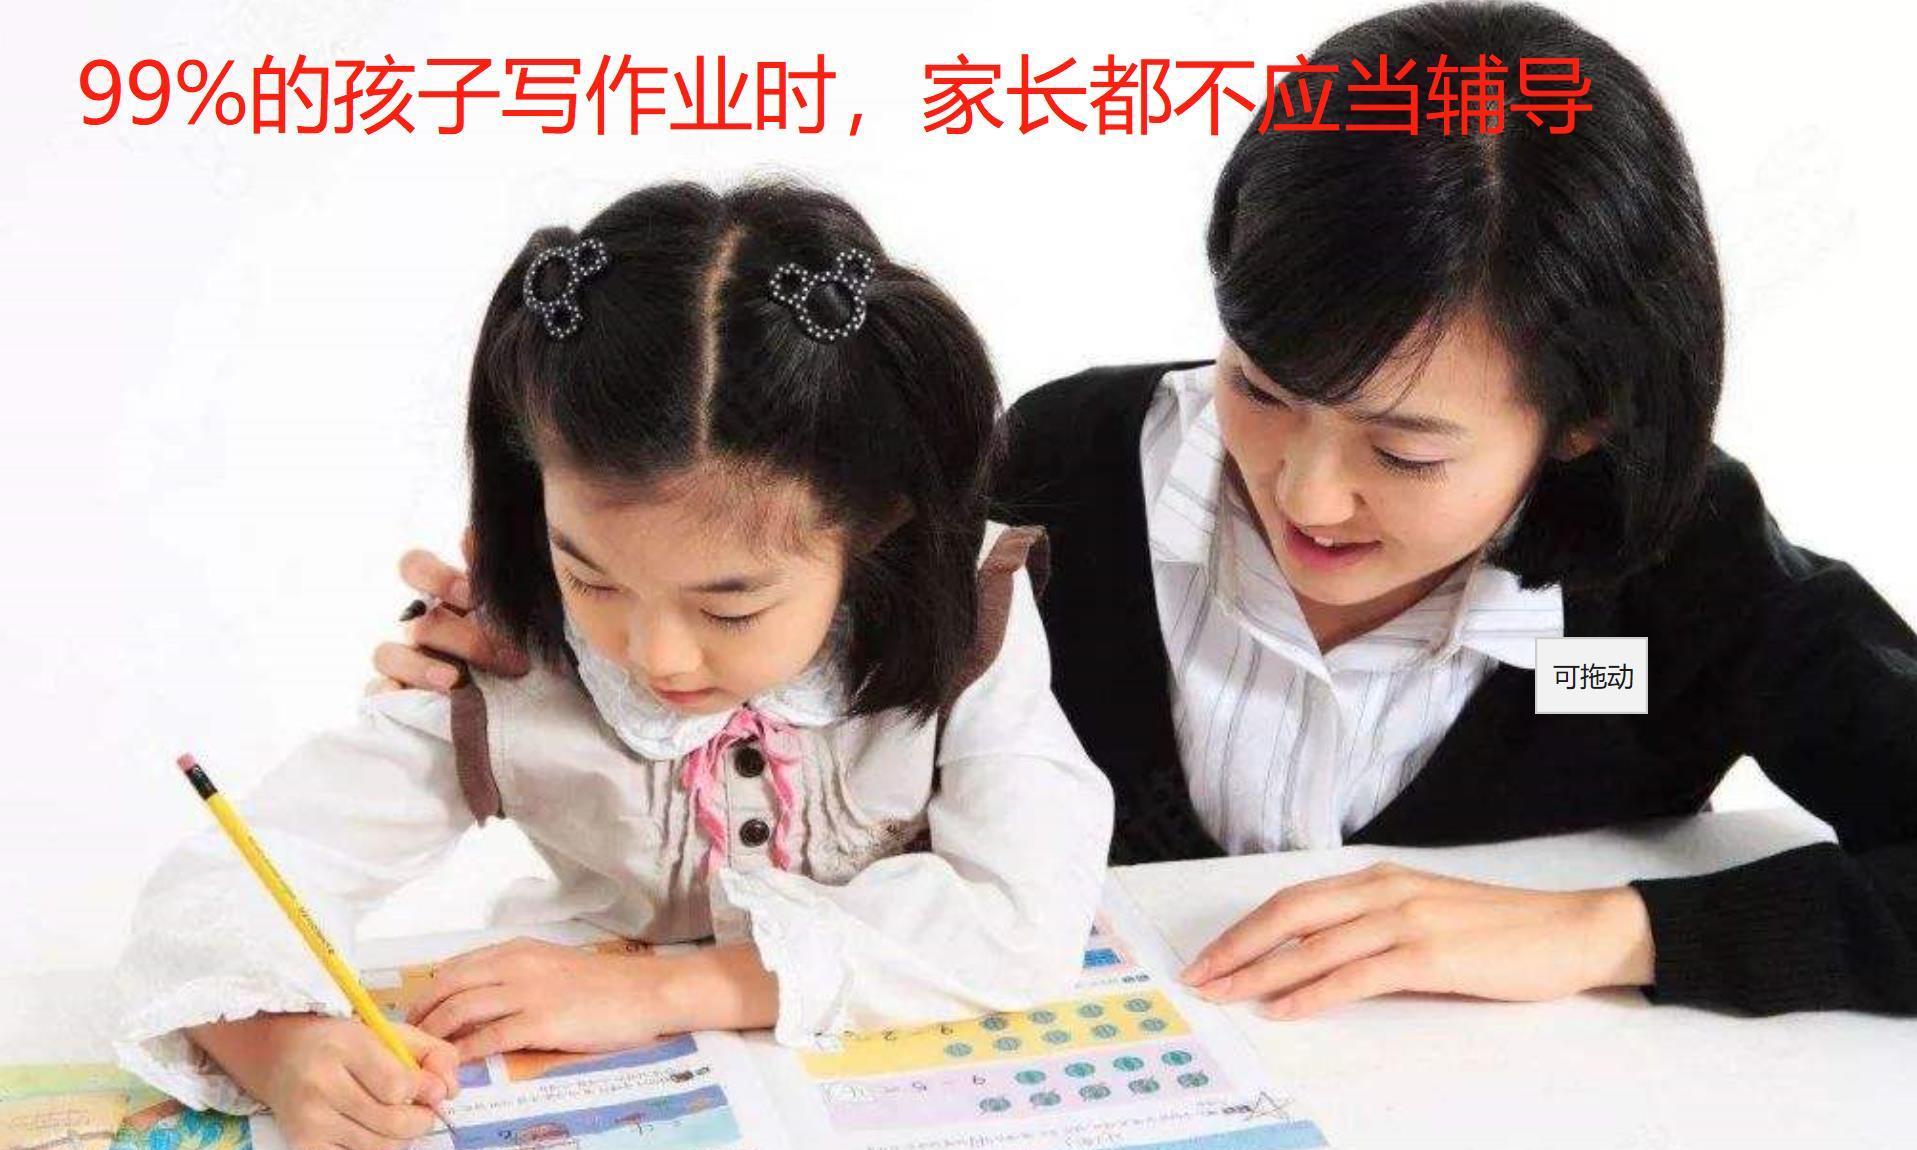 到底要不要辅导孩子写作业?这是一个很多家长不知道的现实问题